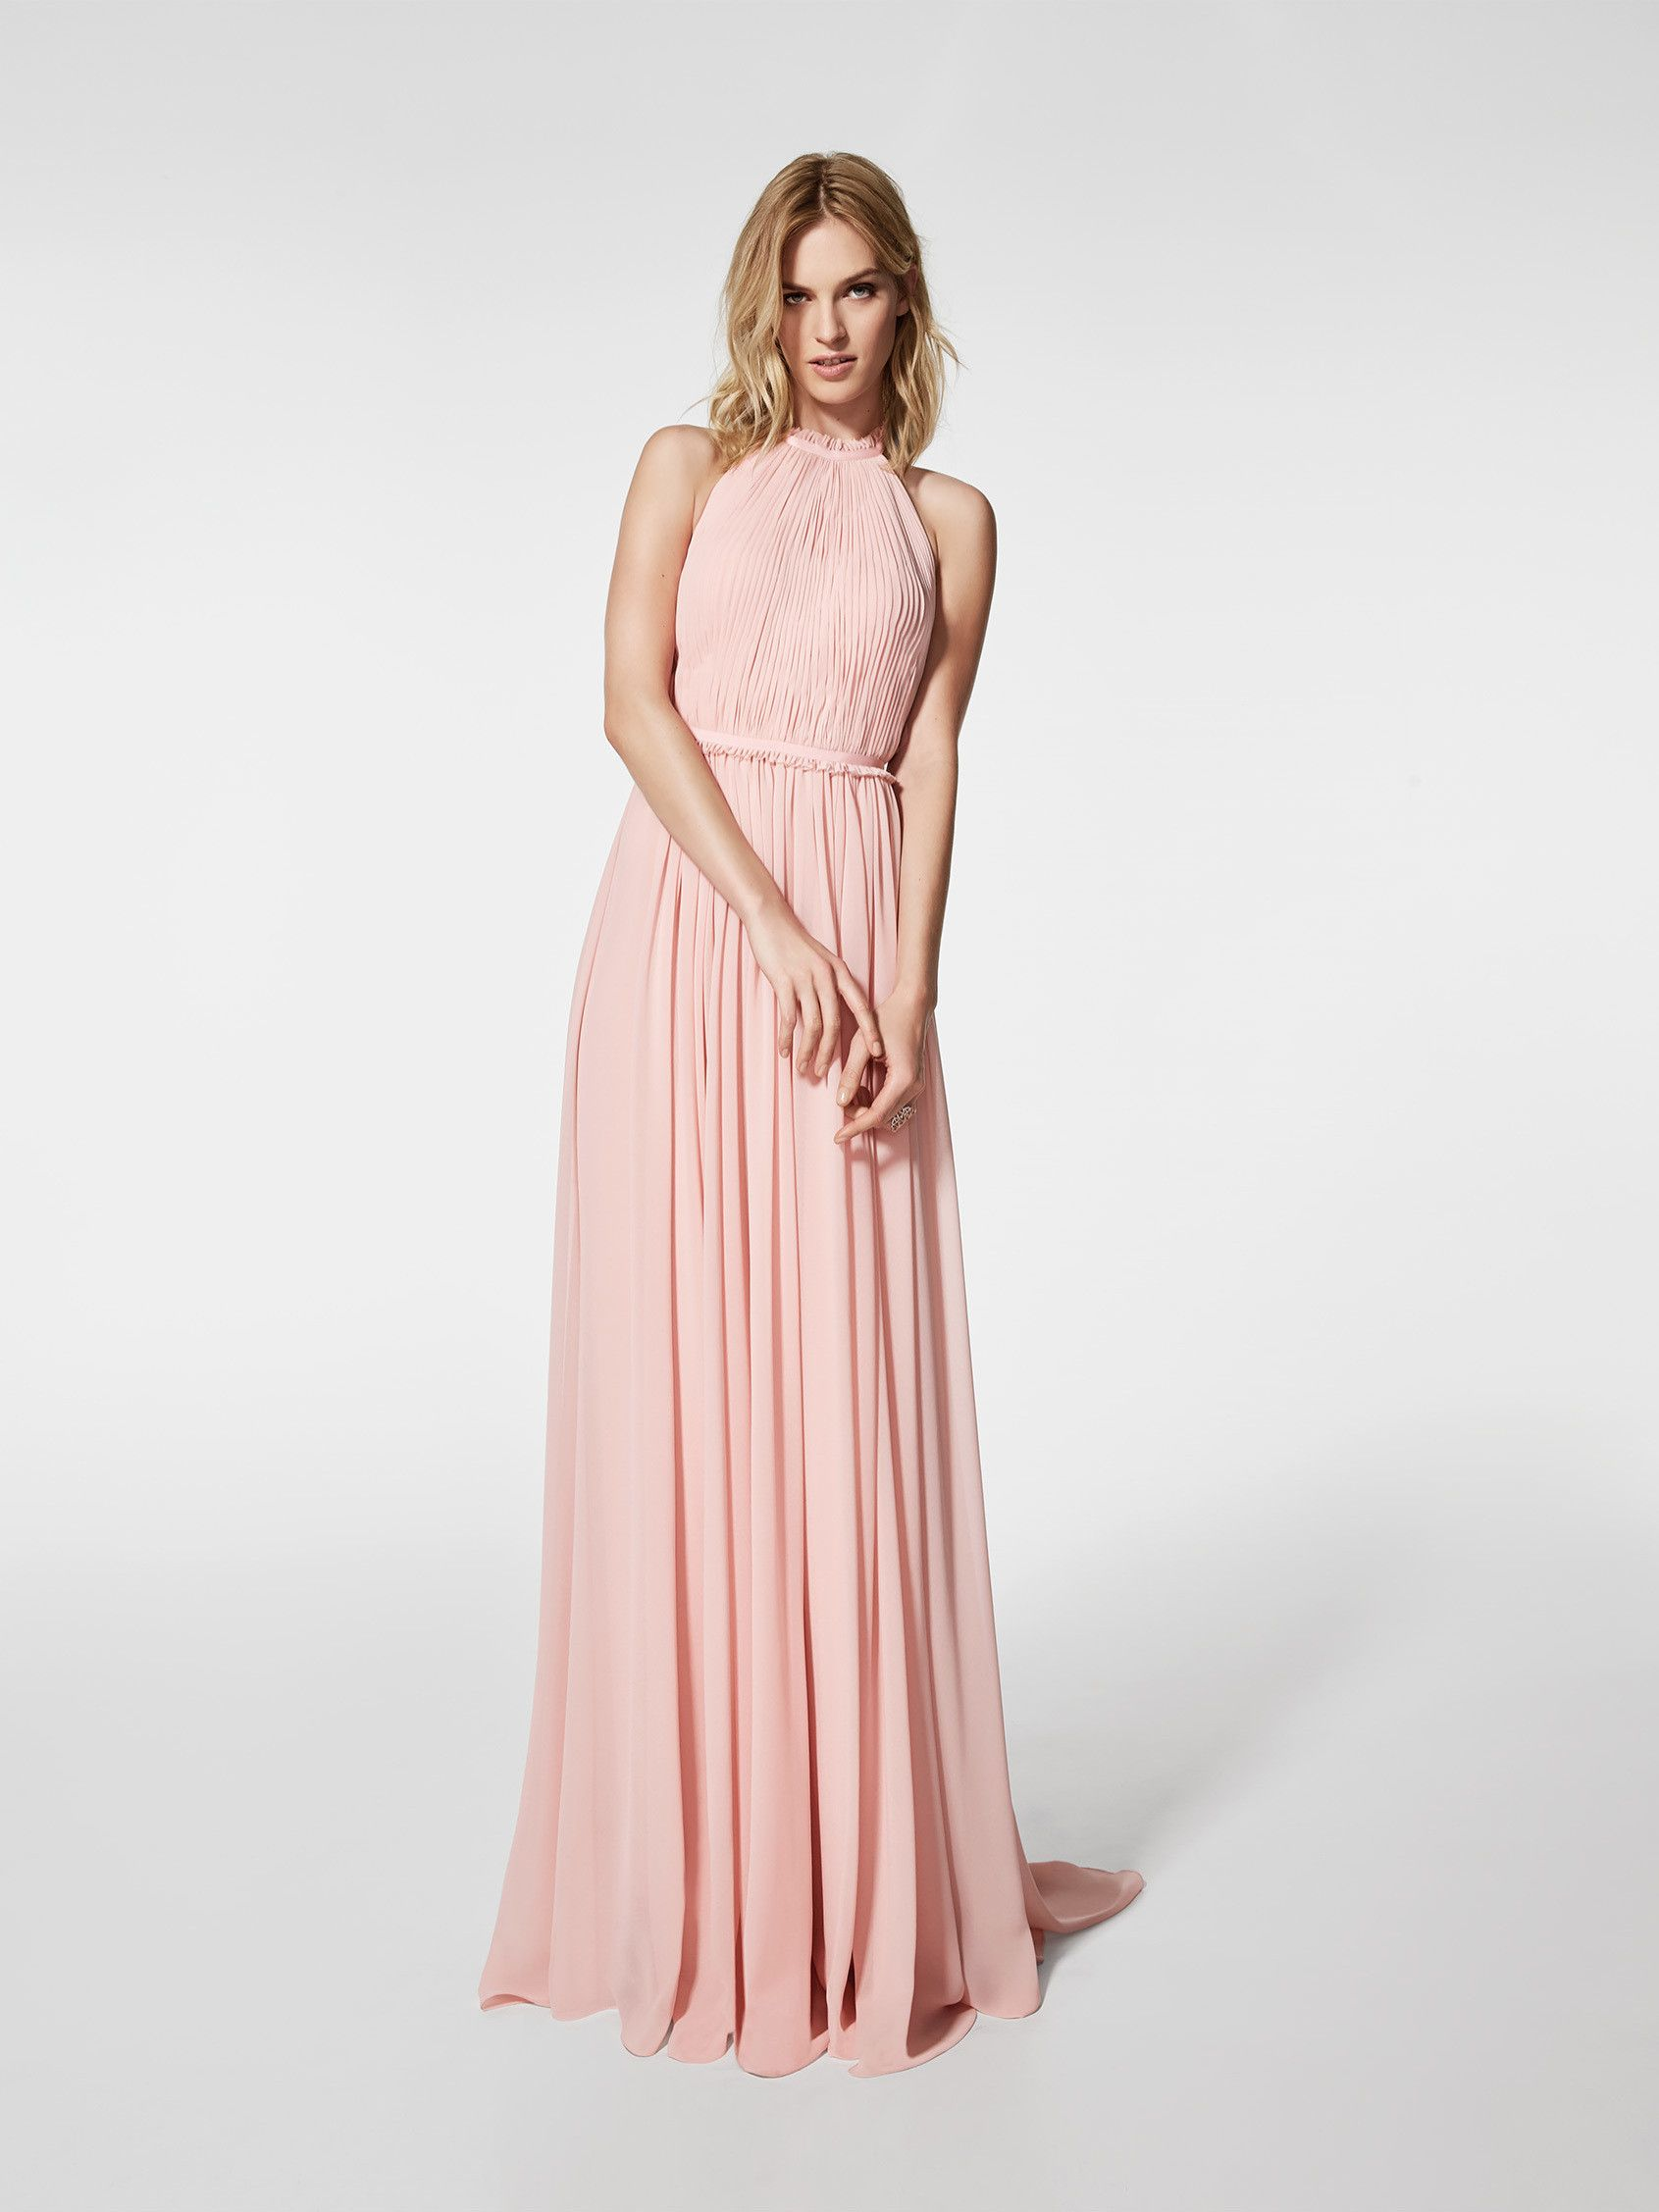 Vestido de fiesta (modelo GRAMOE) de color rosa pálido con un escot ...